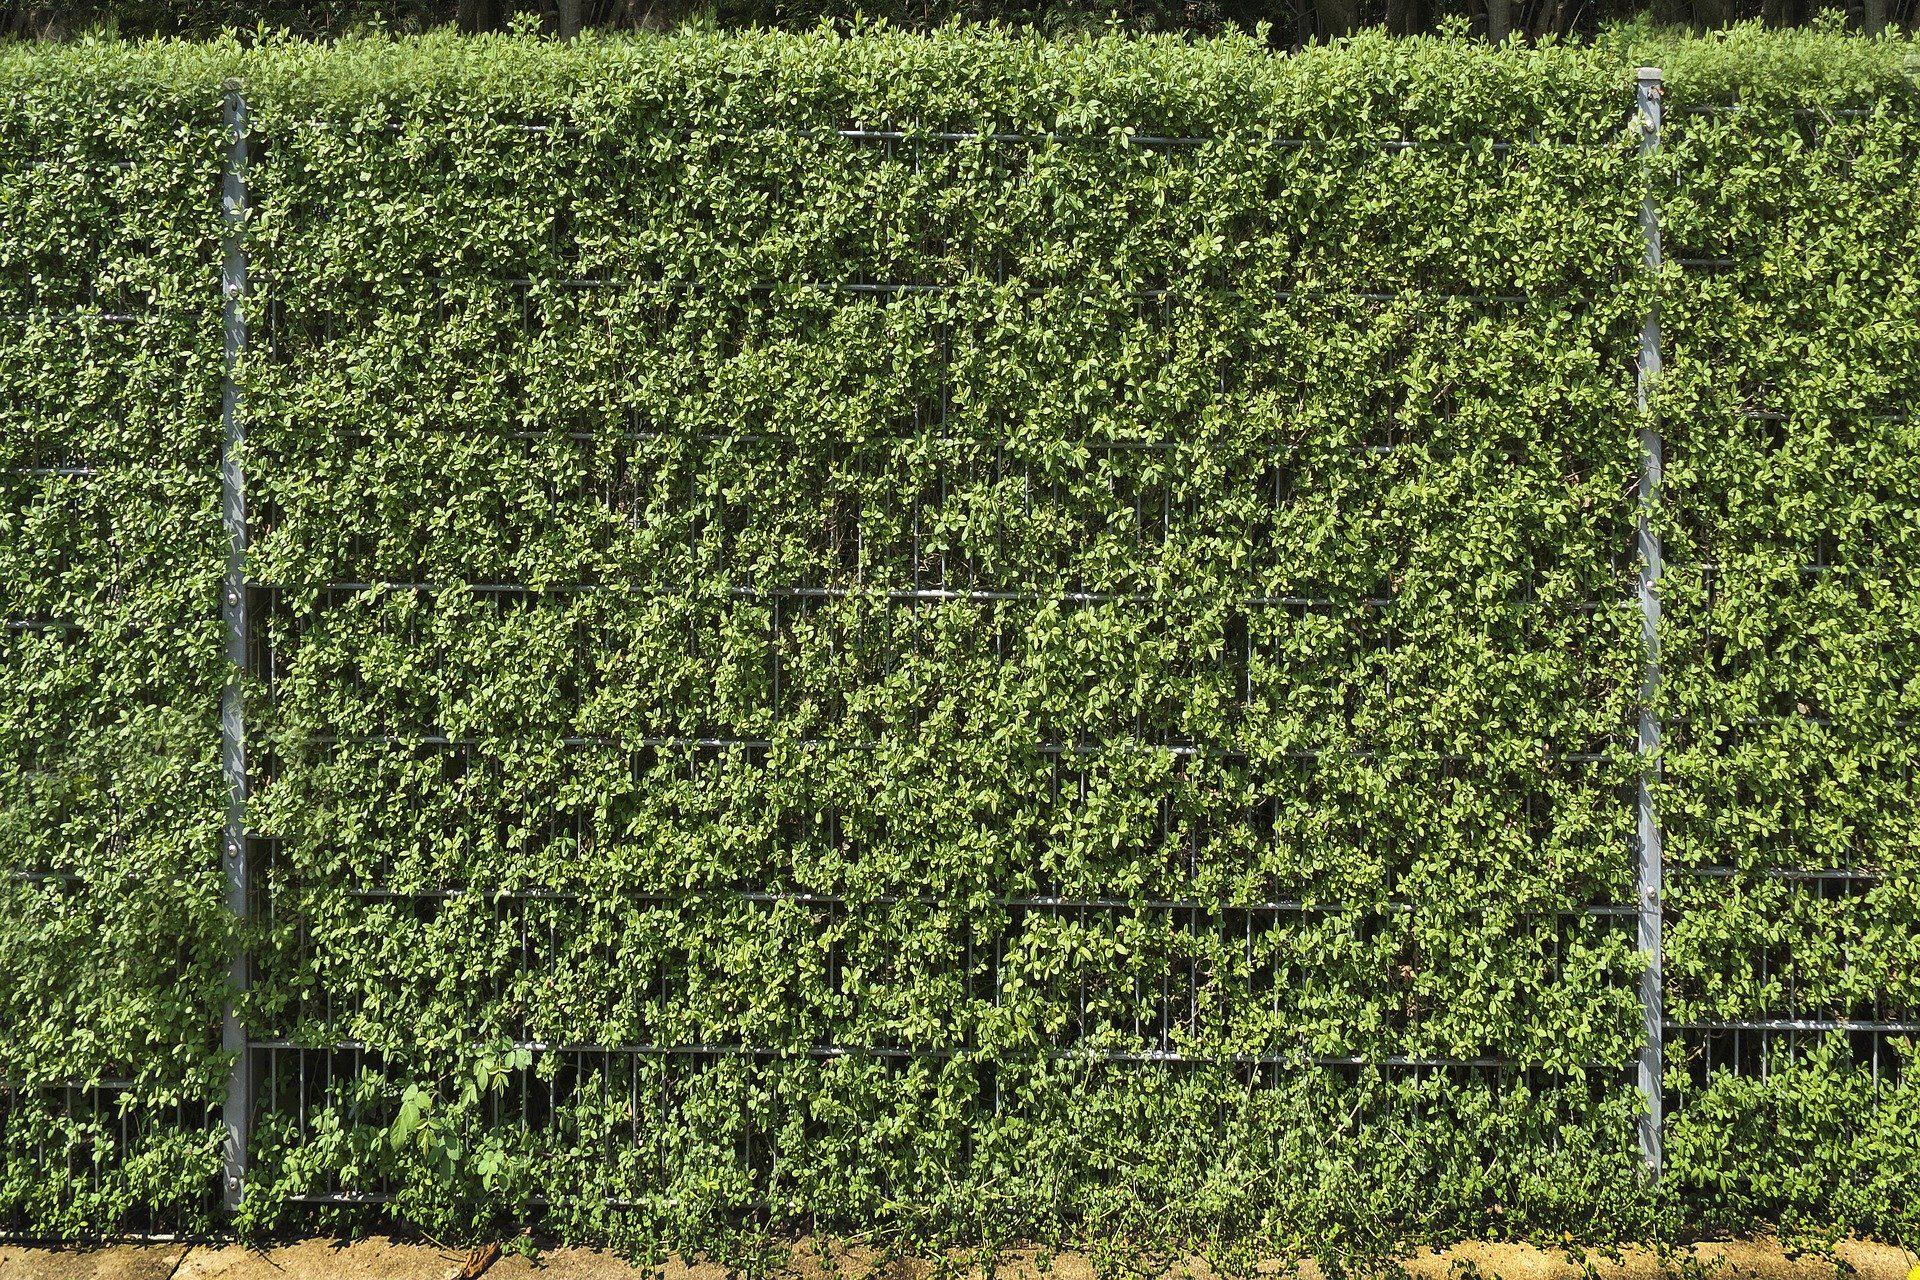 ligusterhaag-groenblijvende-bomen-tegen-inkijk